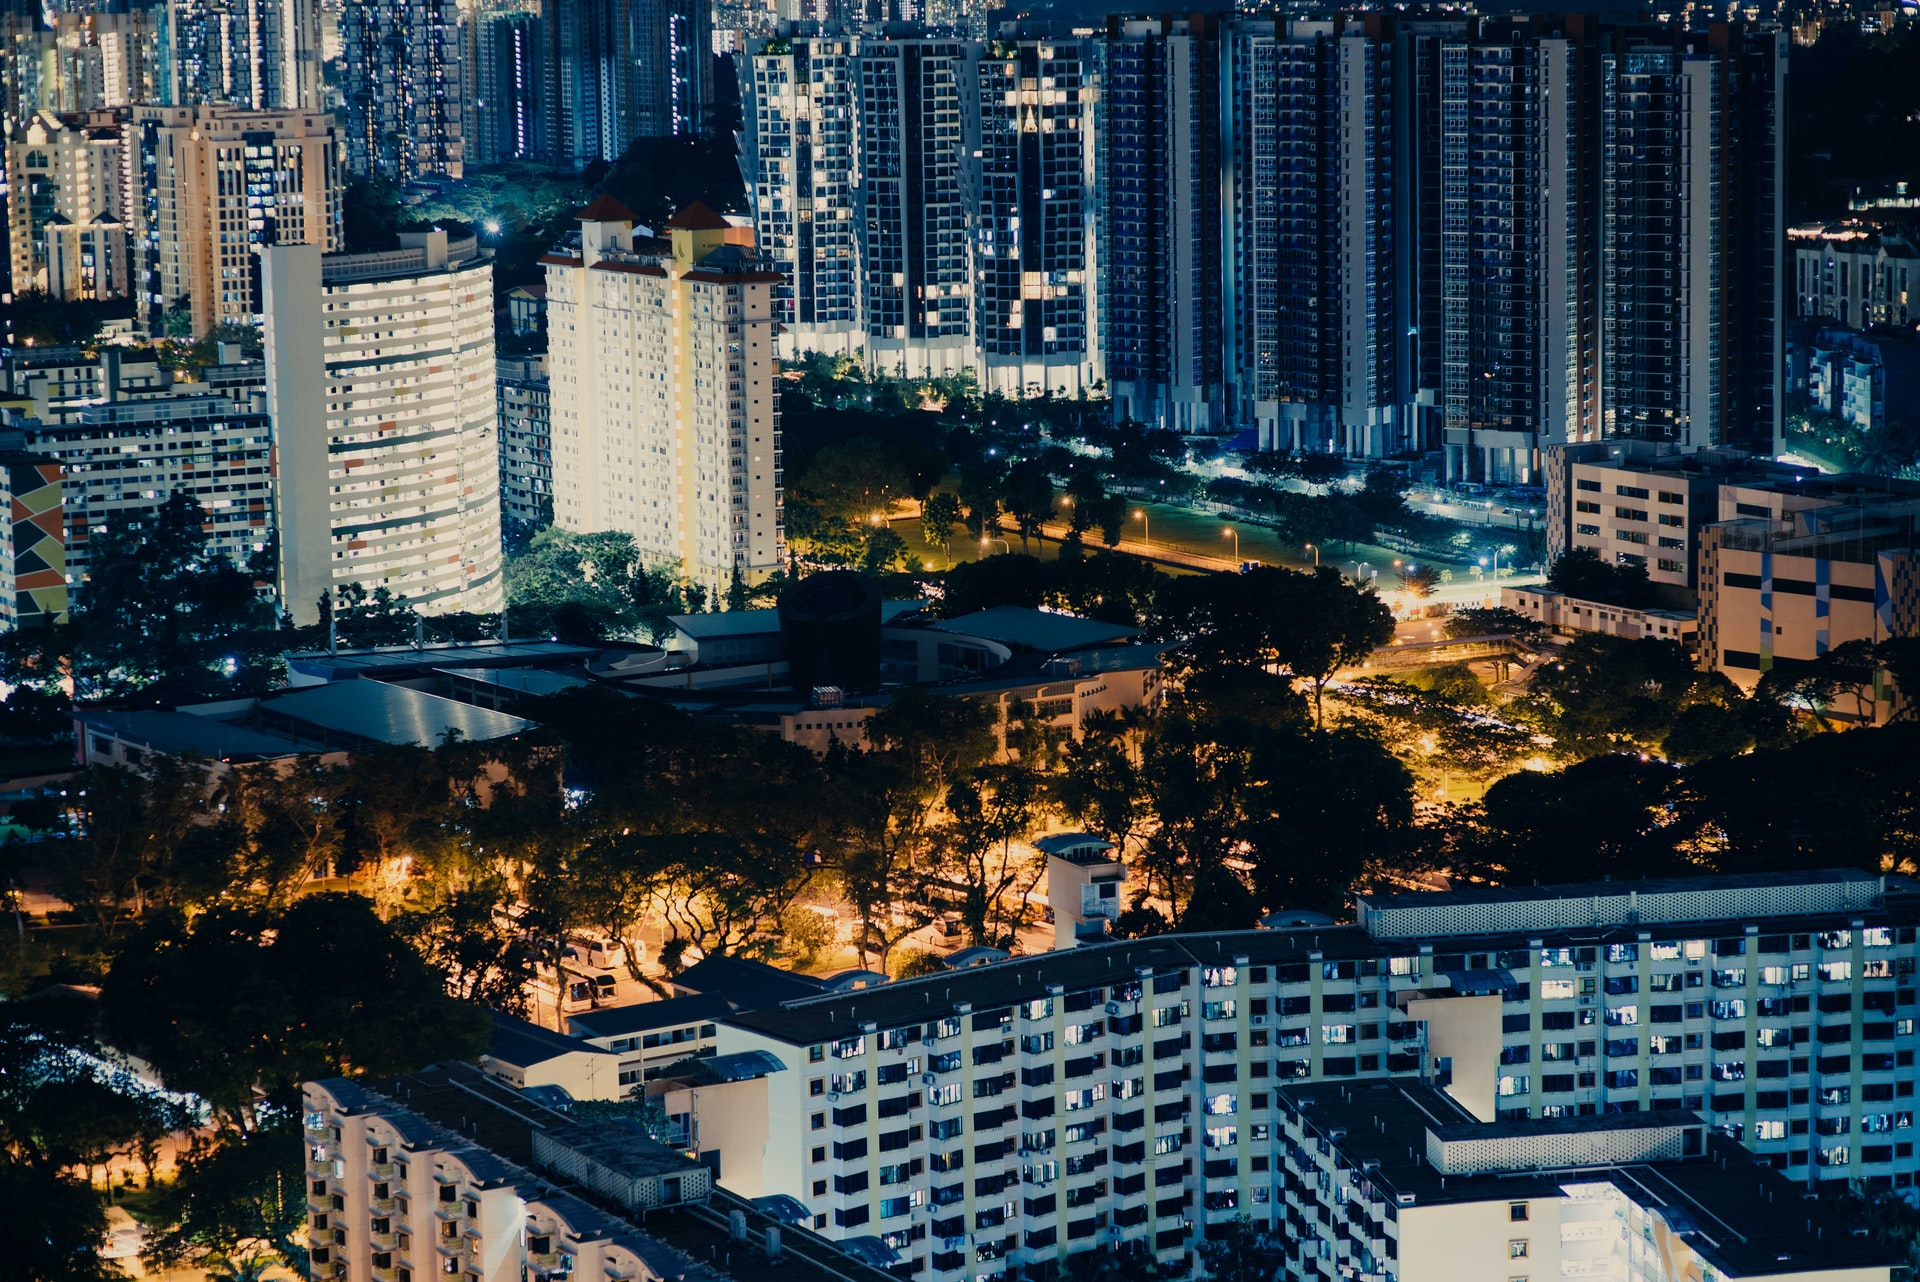 hoogbouw stadsoverzicht